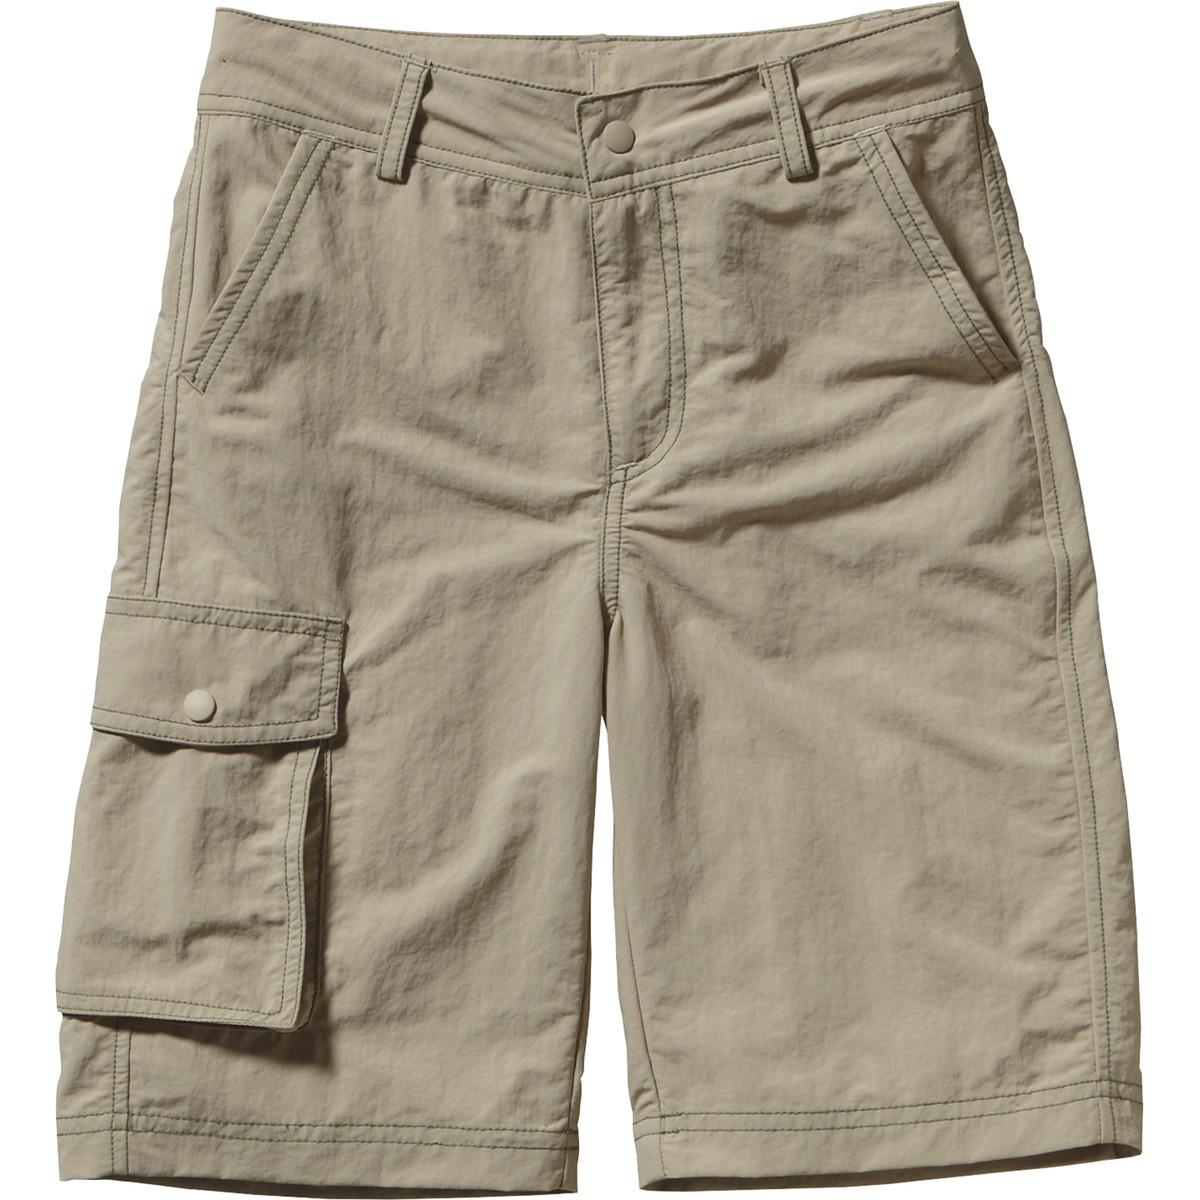 Patagonia Baggies Cargo Shorts